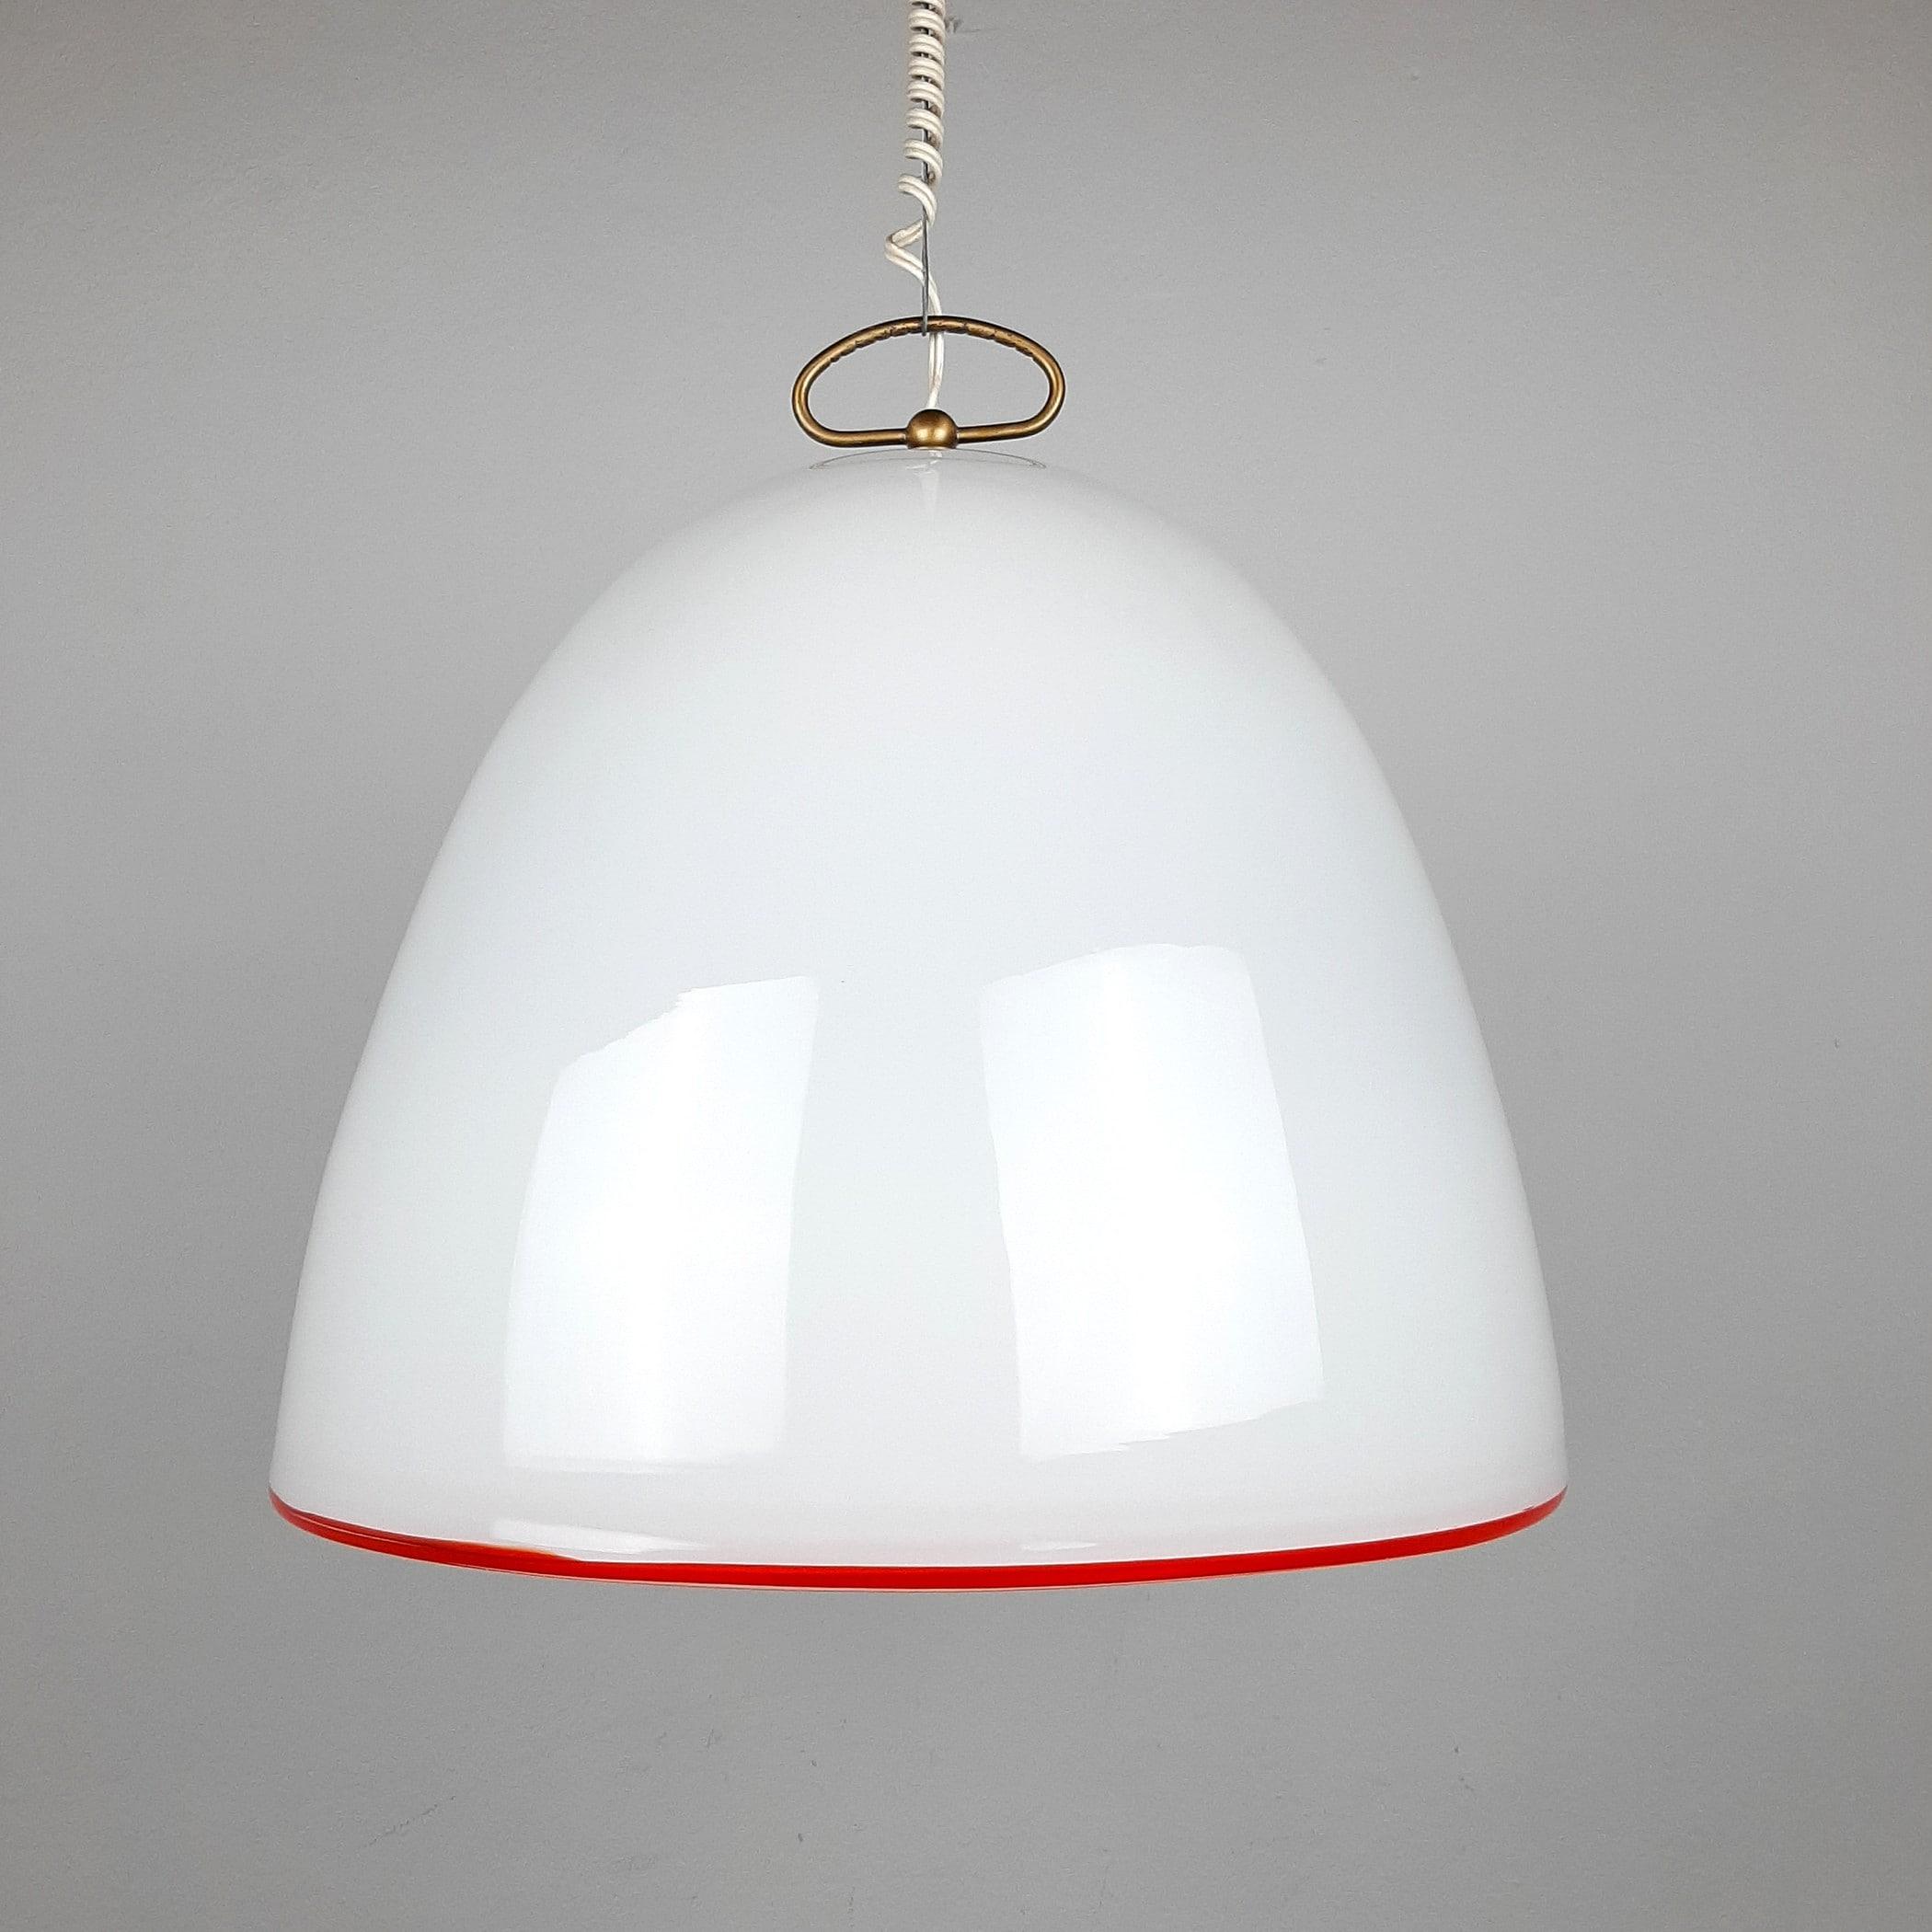 Retro murano glass XL pendant lamp by Renato Toso for Leucos Italy 1960s Mid-century home decor